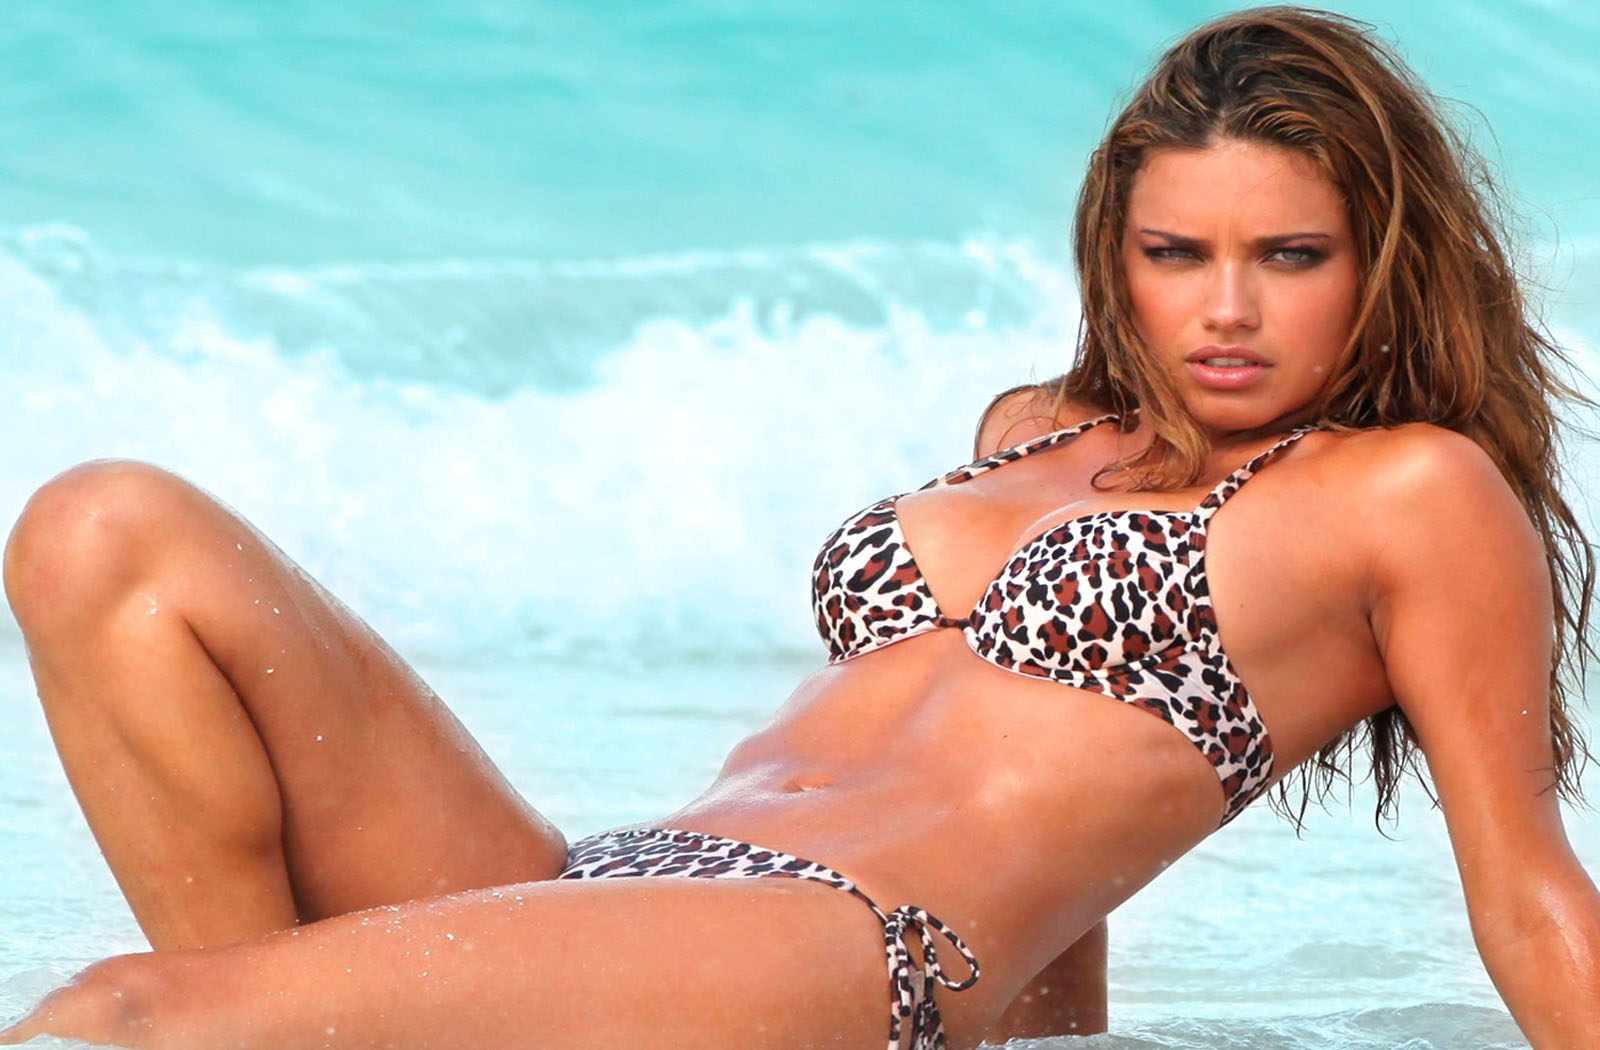 http://2.bp.blogspot.com/-uBRKCkUphvg/UAi8I6U0jXI/AAAAAAAAEa4/5SB4xVba4vY/s1600/Adriana+Lima+Hot-1.jpg